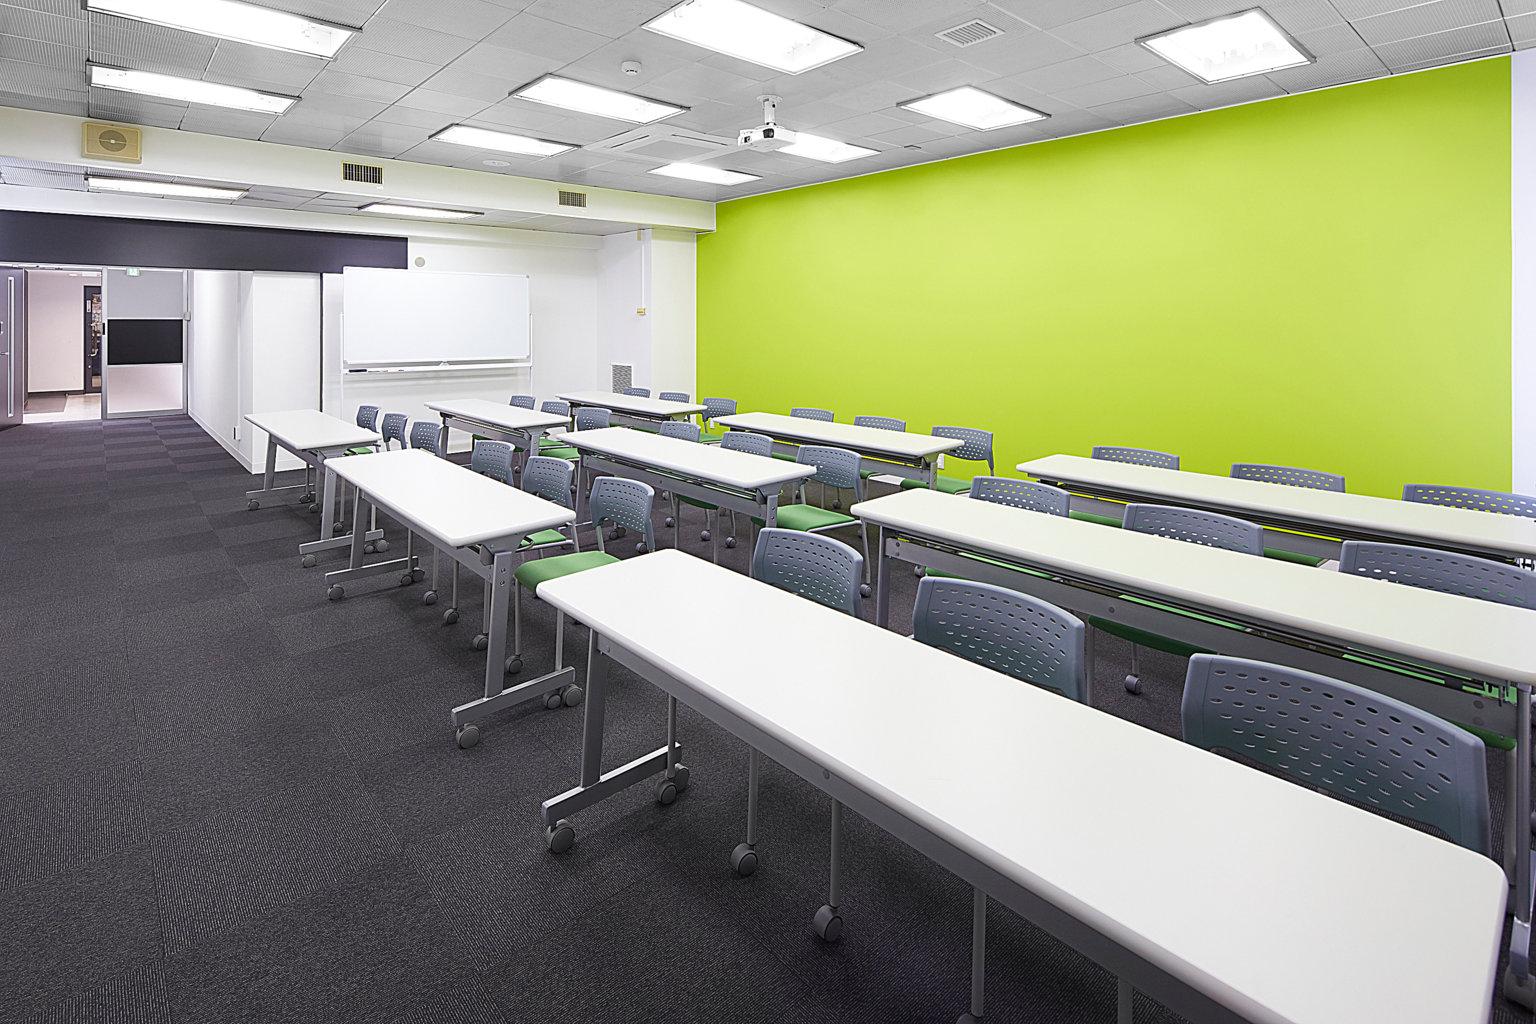 ハイスペックでリーズナブルな貸し会議室!みんなの会議室 神田|TIME SHARING|タイムシェアリング |スペースマネジメント|あどばる|adval|SHARING